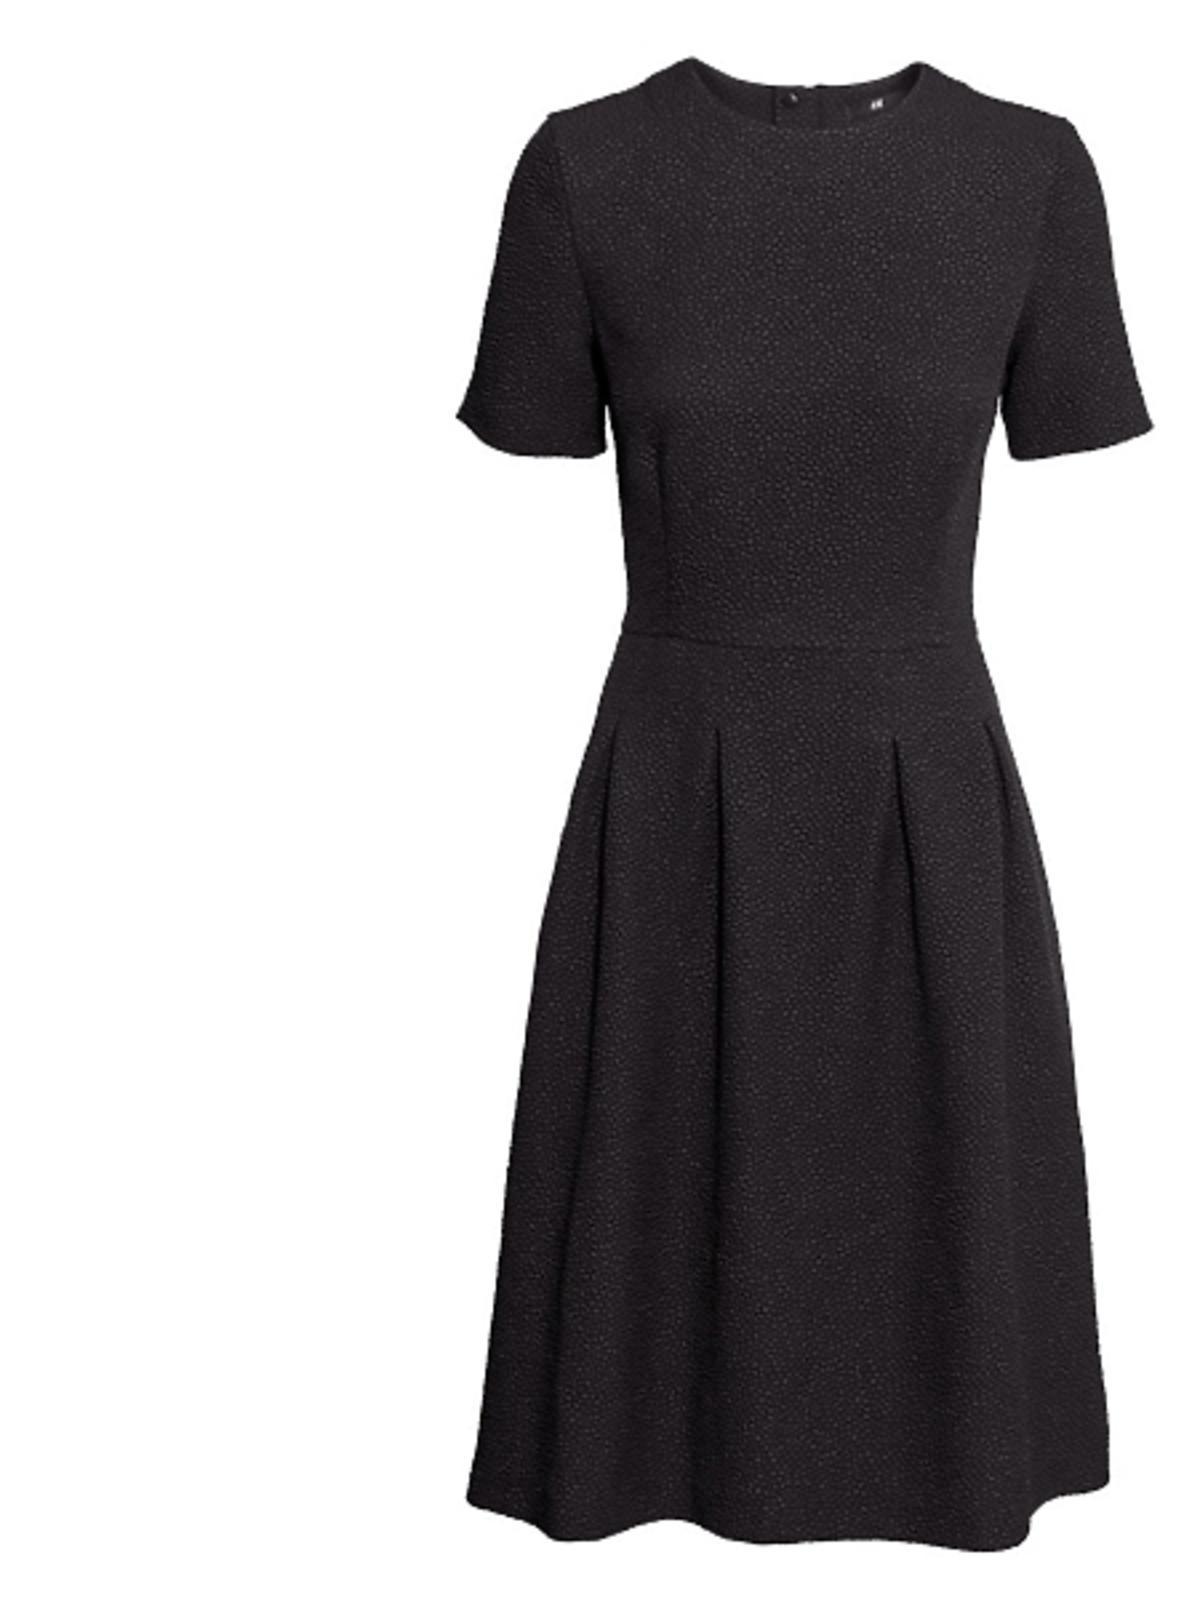 Czarna sukienka H&M, cena